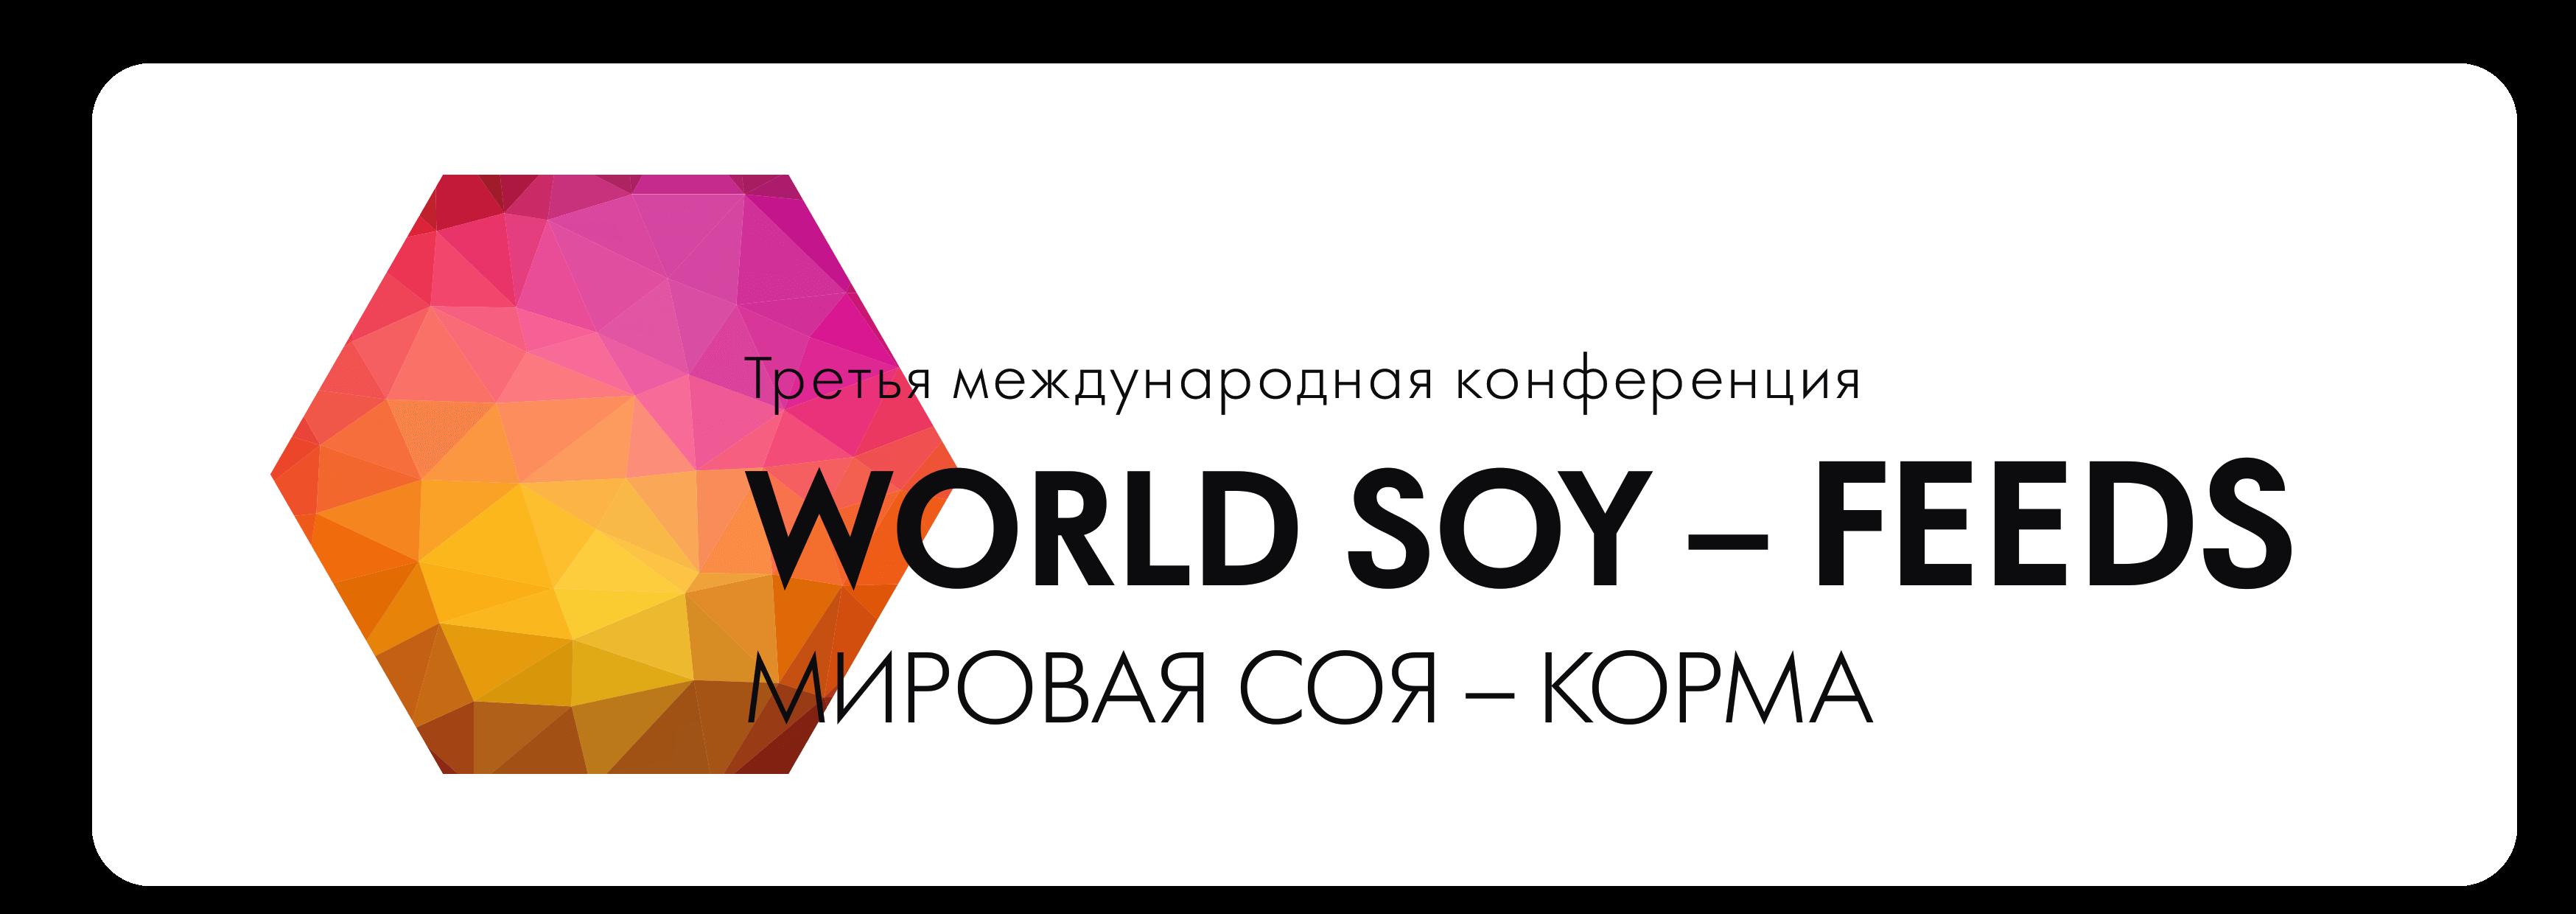 «Мировая Соя – Корма»